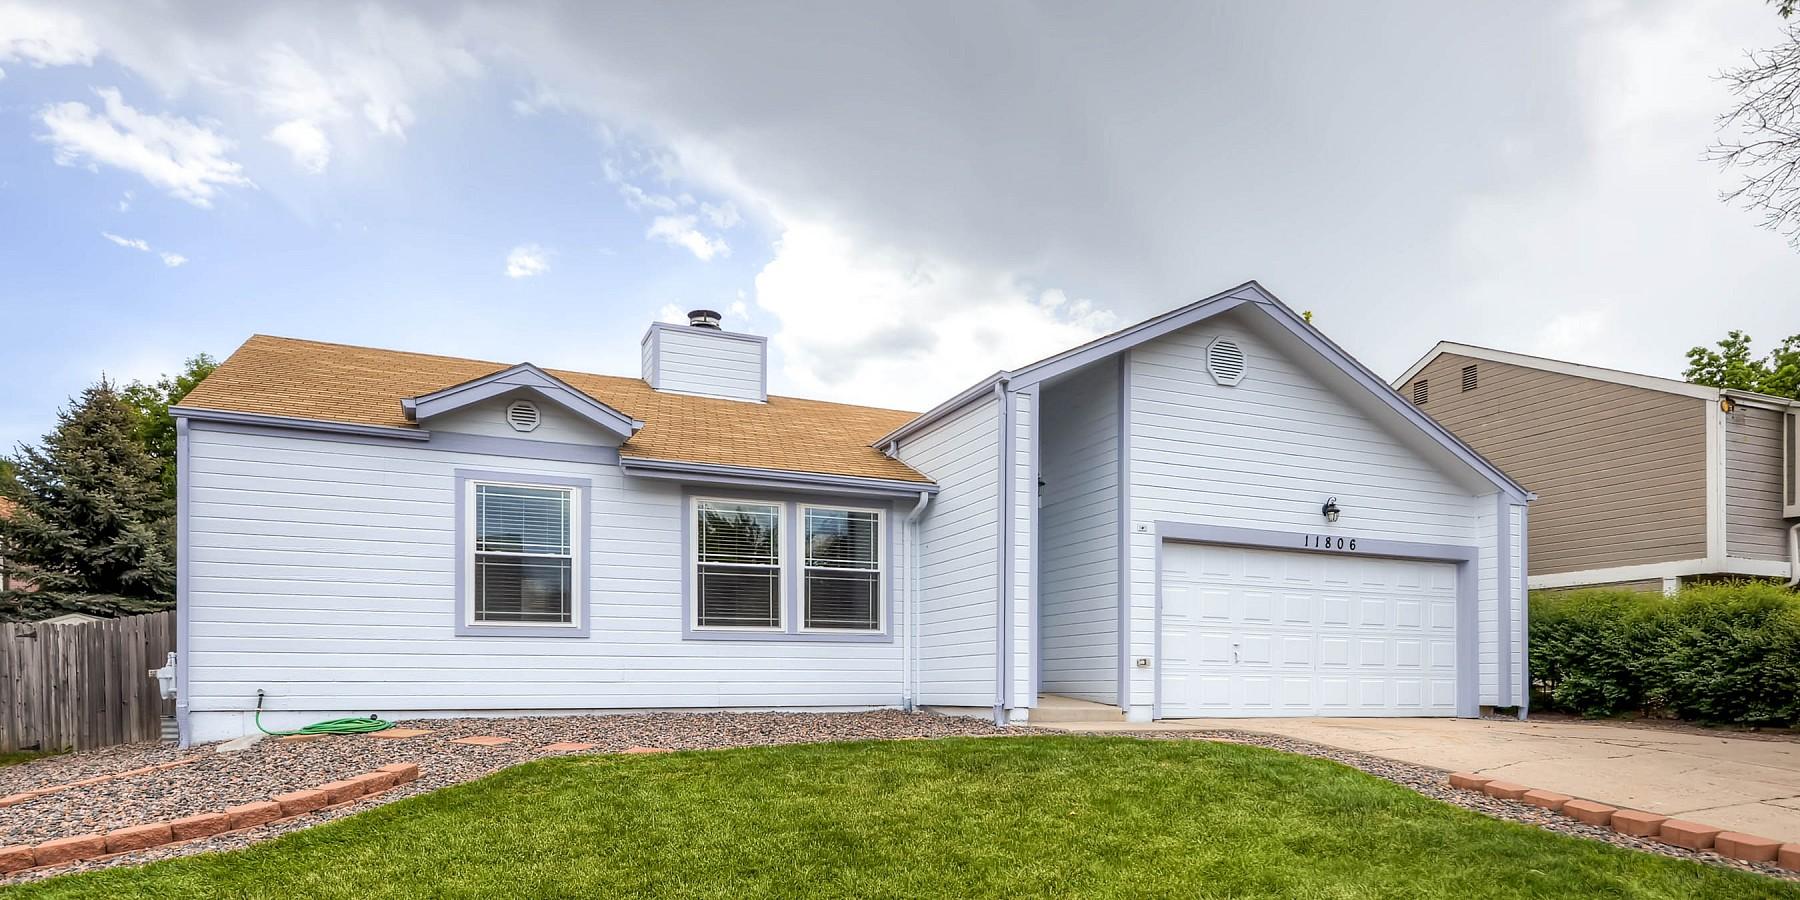 11806 West Bowles Circle, Littleton, CO 80127